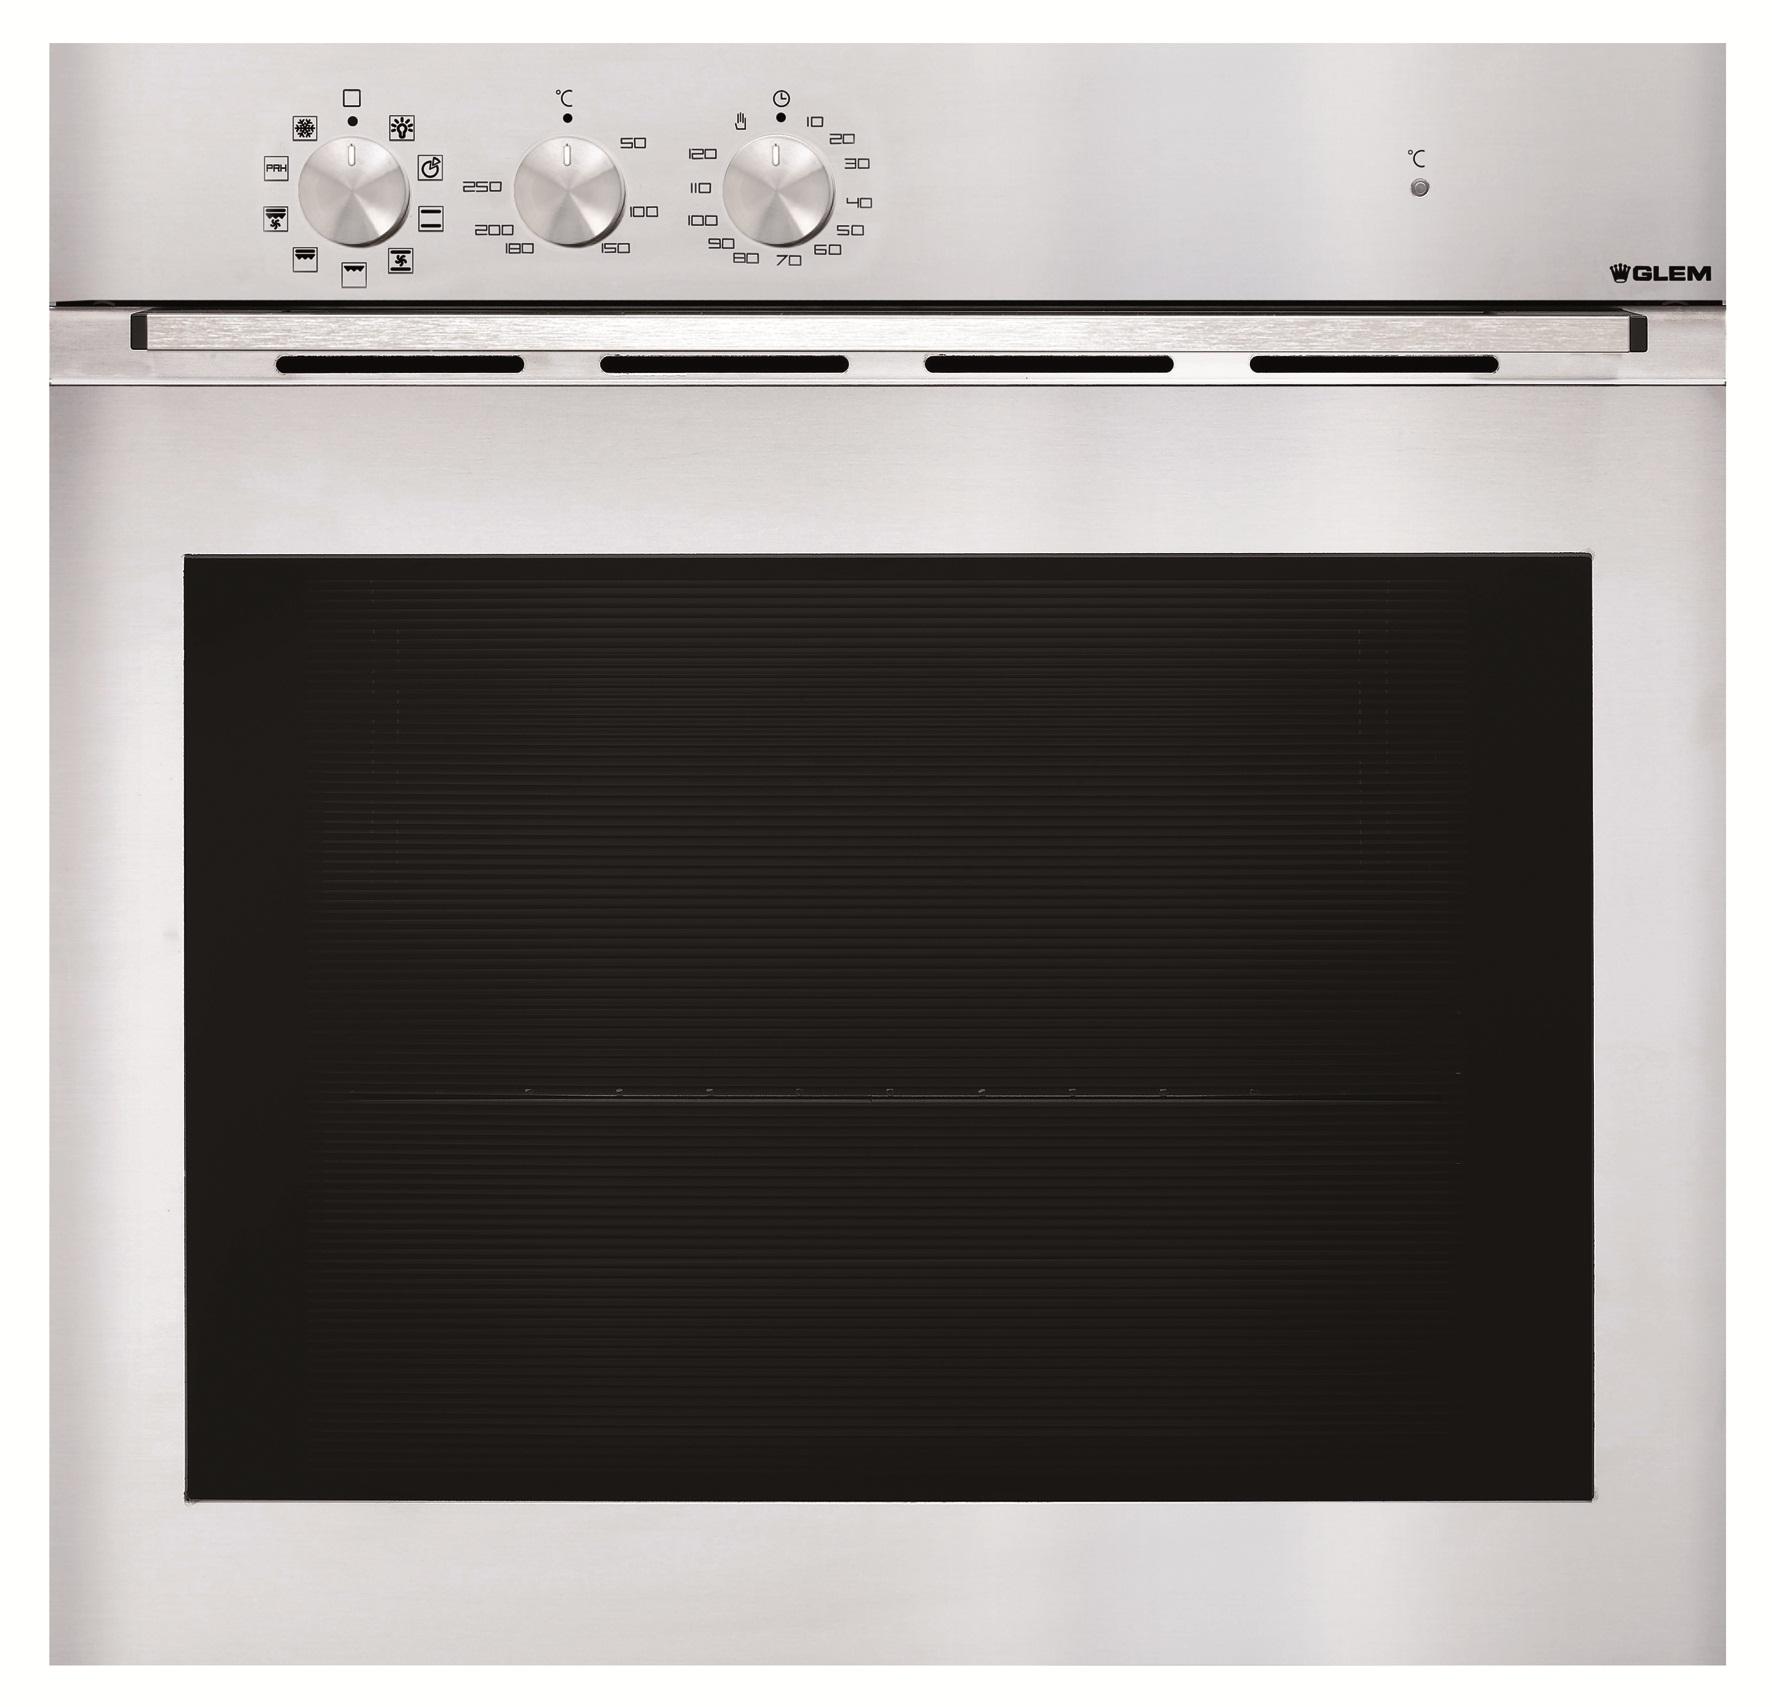 Forno elettrico convezione grill capacit teglie cerca - Forno elettrico e microonde ...